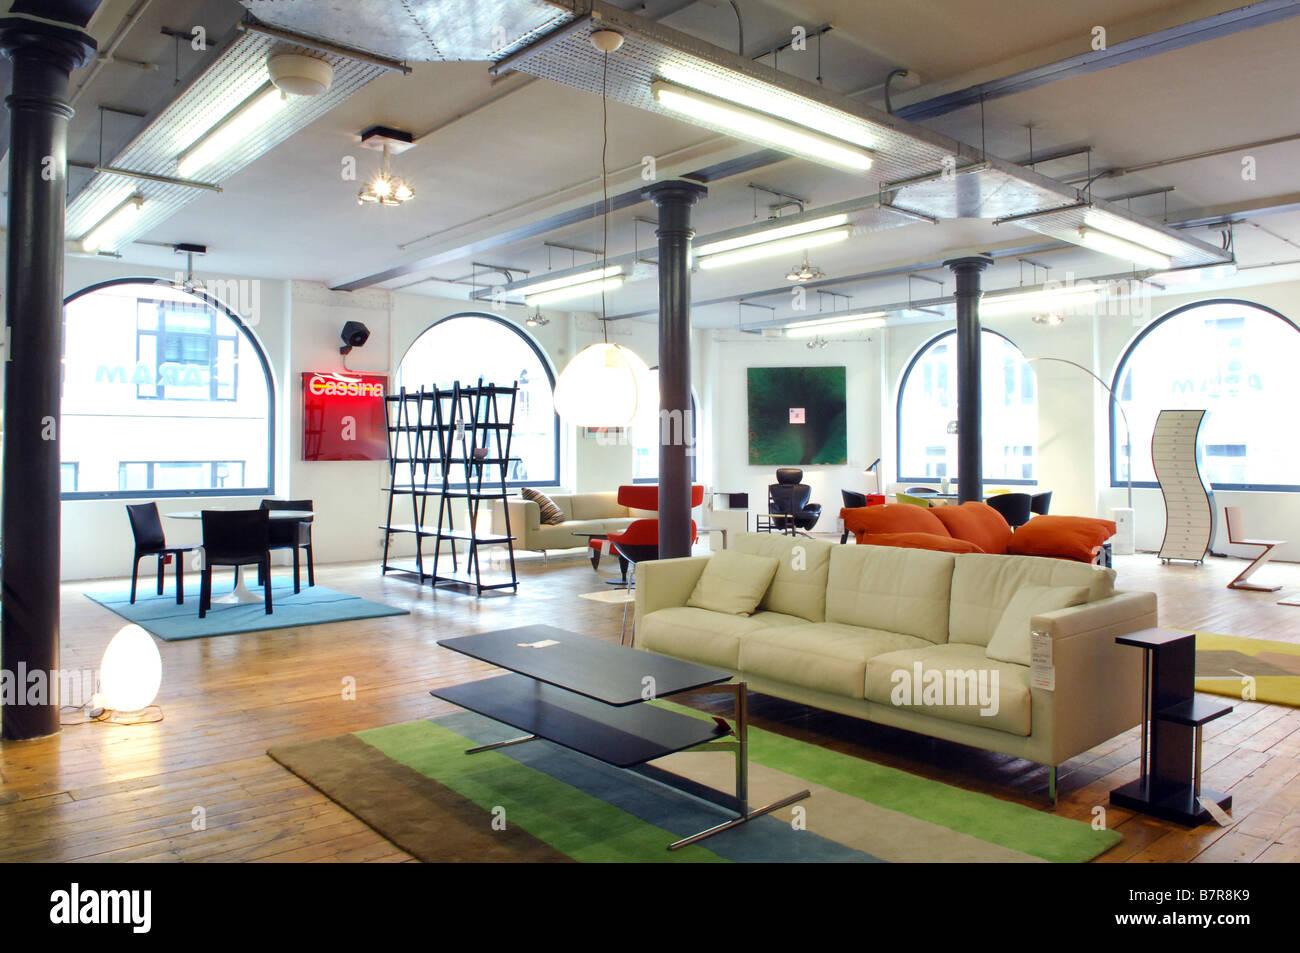 Aram Designer Mobeldesigner Stockfotos Aram Designer Mobeldesigner